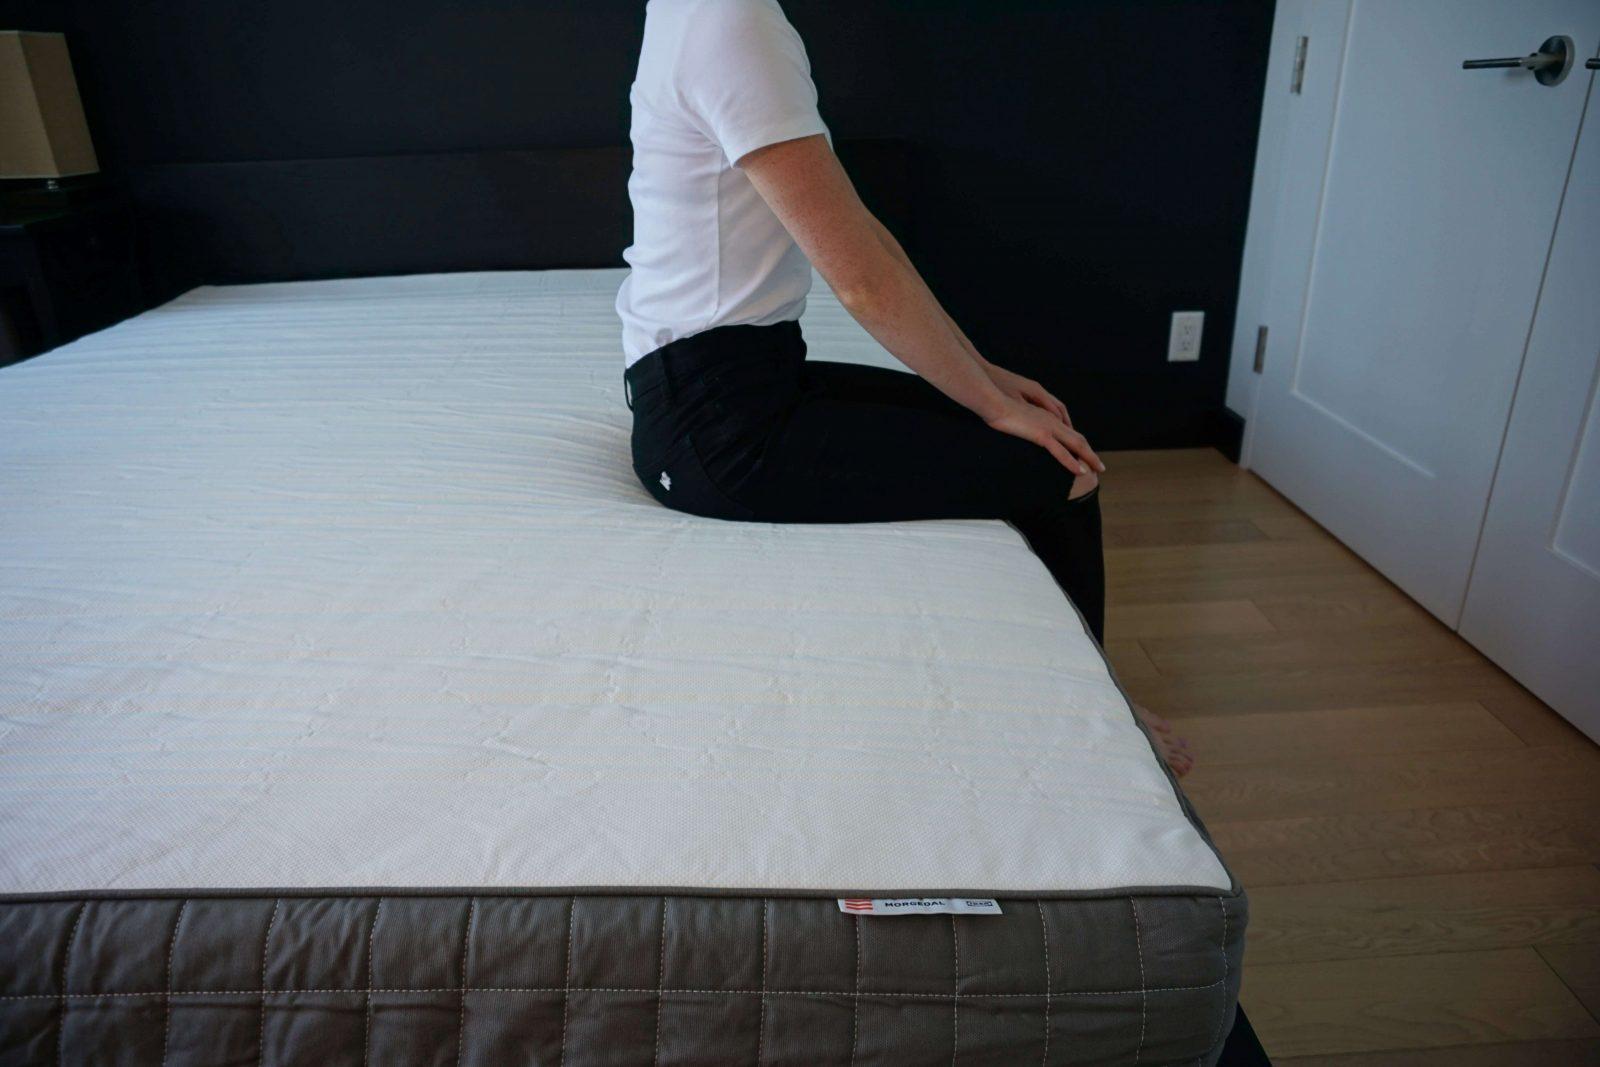 Matratze Entsorgen Fancy Layout Über Matratze Entsorgen Ikea von Matratze Entsorgen Ikea Bild